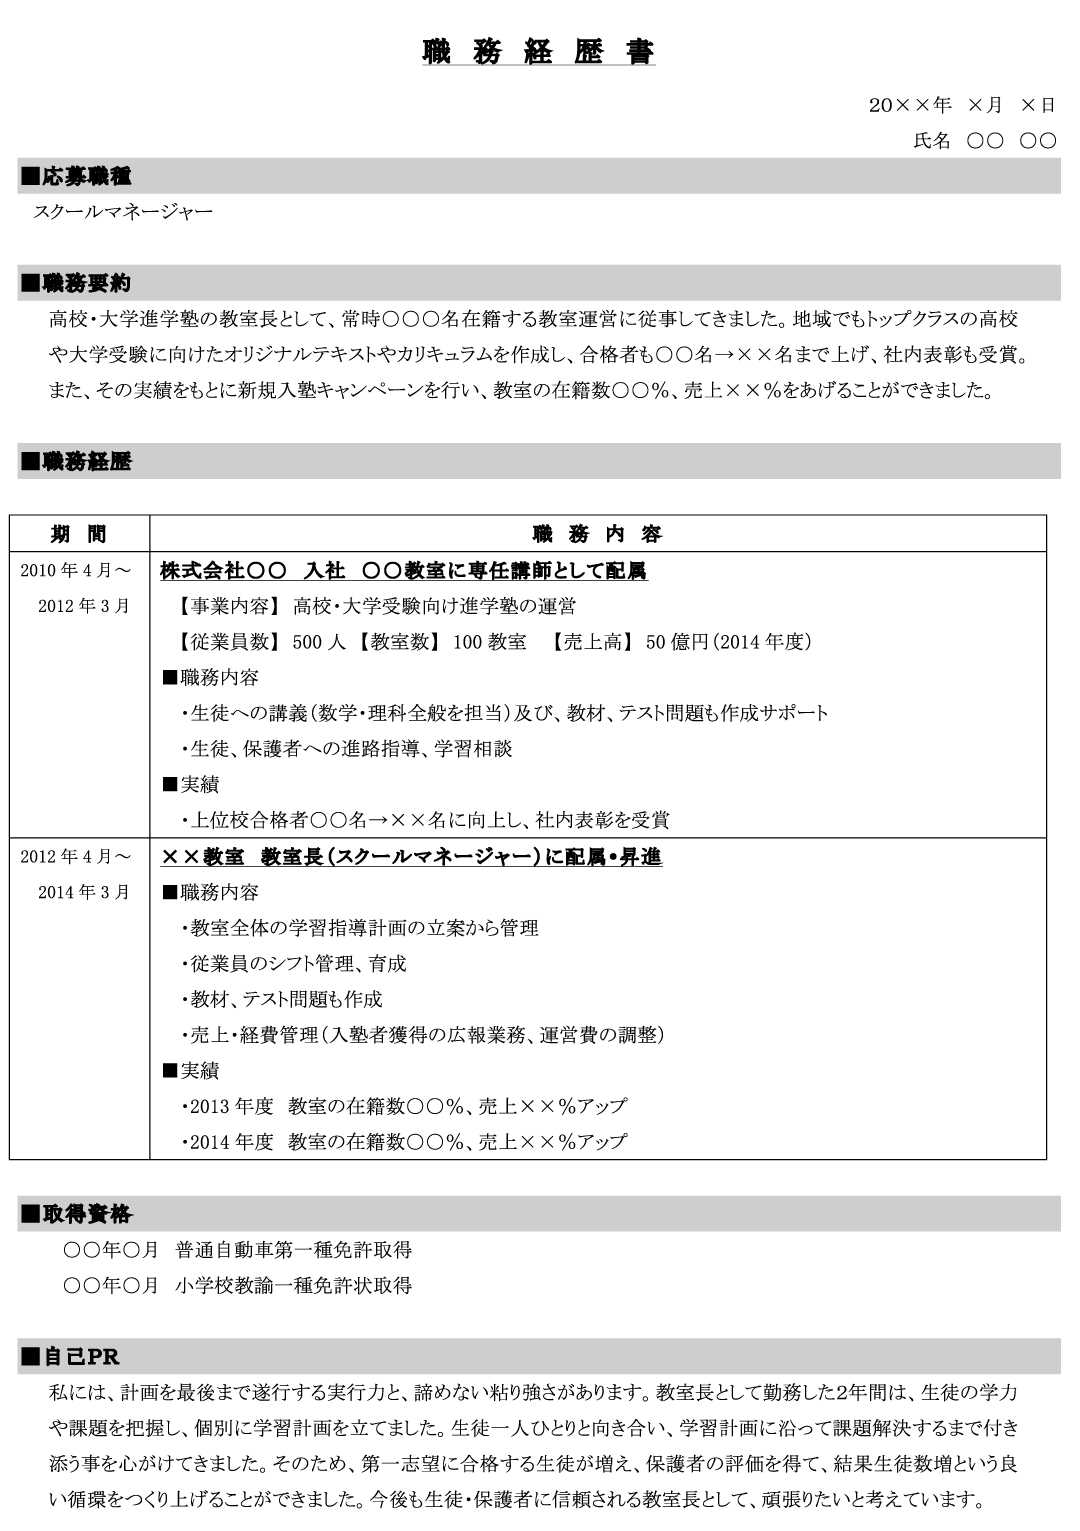 アルバイト 履歴 書 職歴